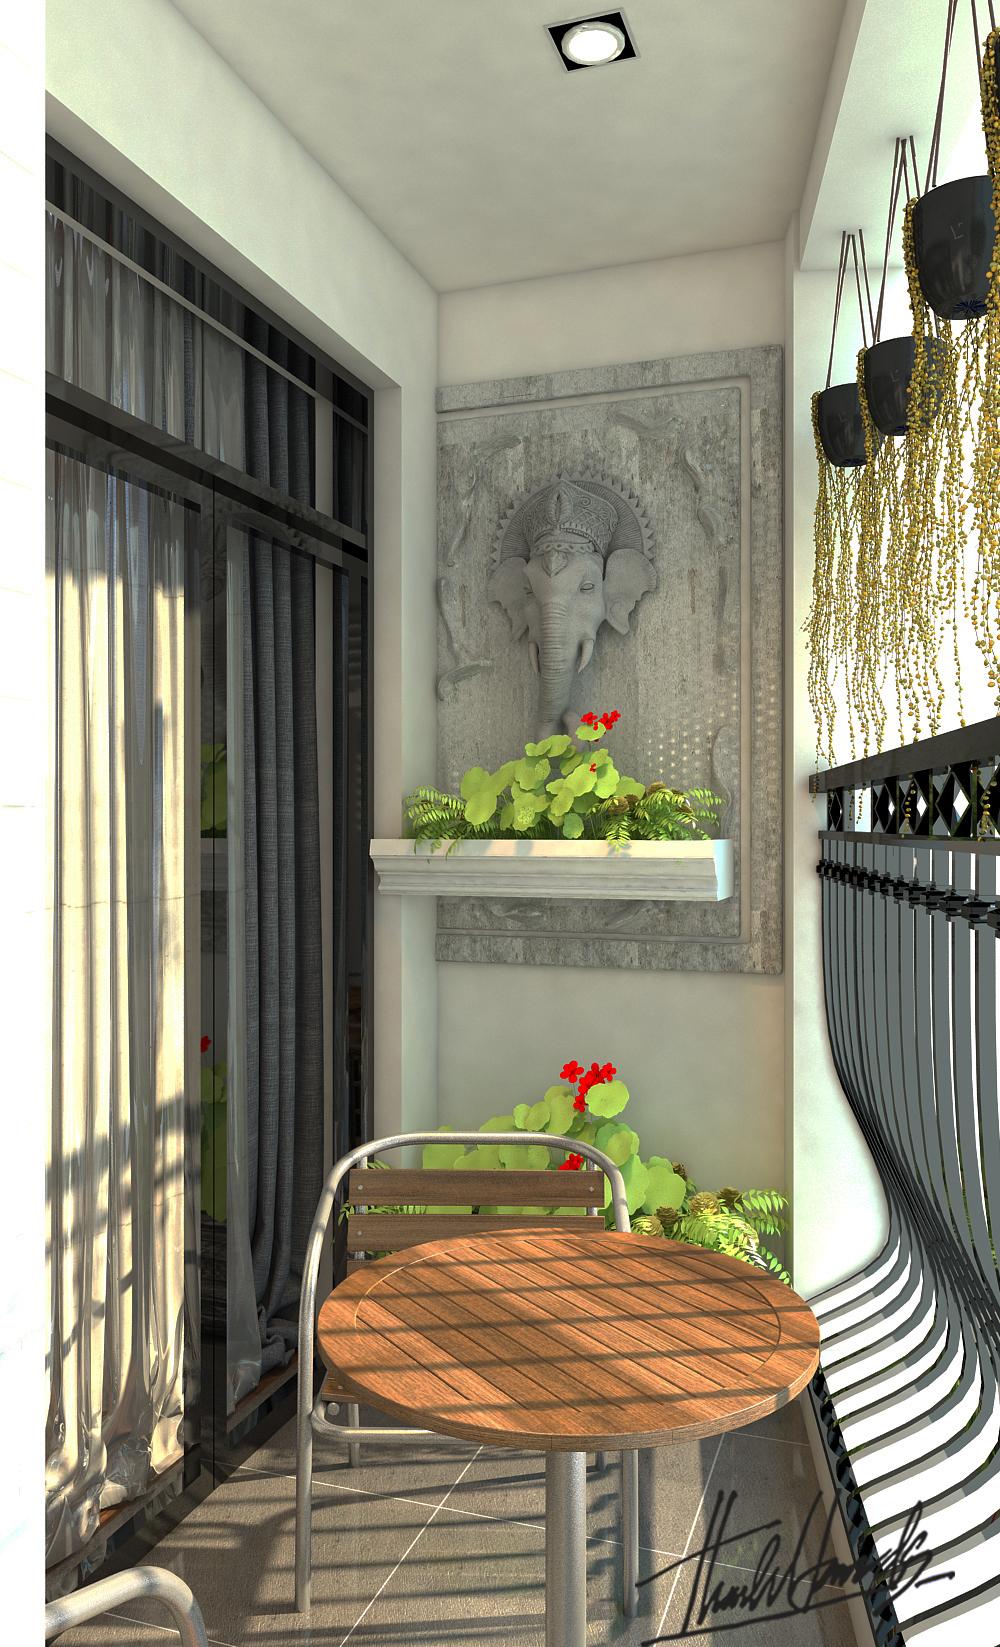 thiết kế nội thất chung cư tại Hà Nội chung cư roya city 12 1568274334